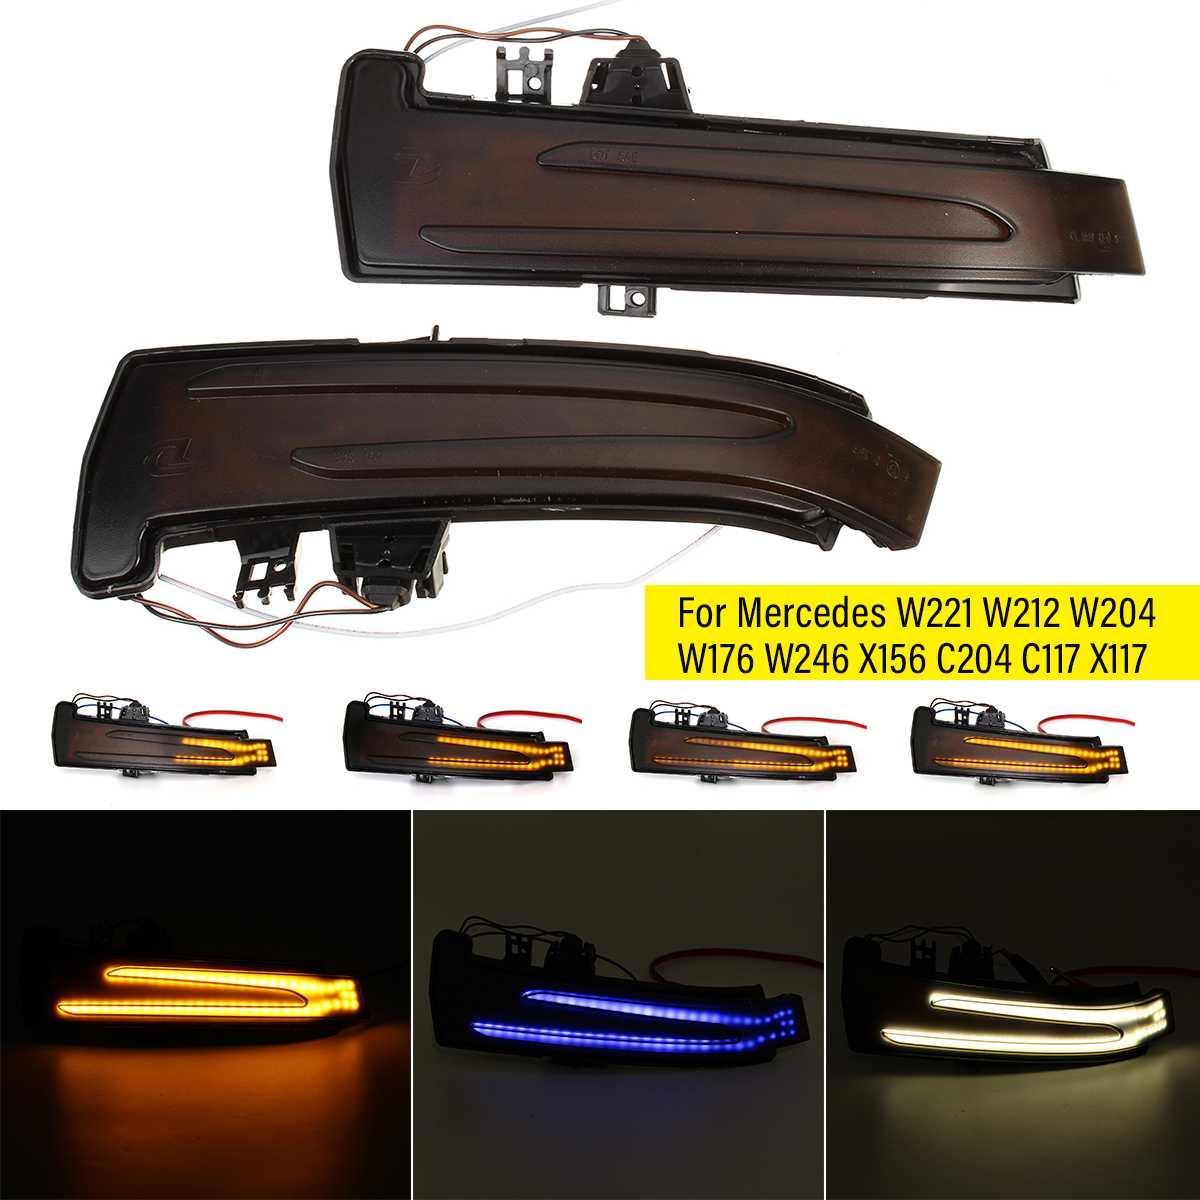 2 шт., светодиодсветильник поворотники для Mercedes Benz W176 W246 W204 W212 C117 X156 C204 X117